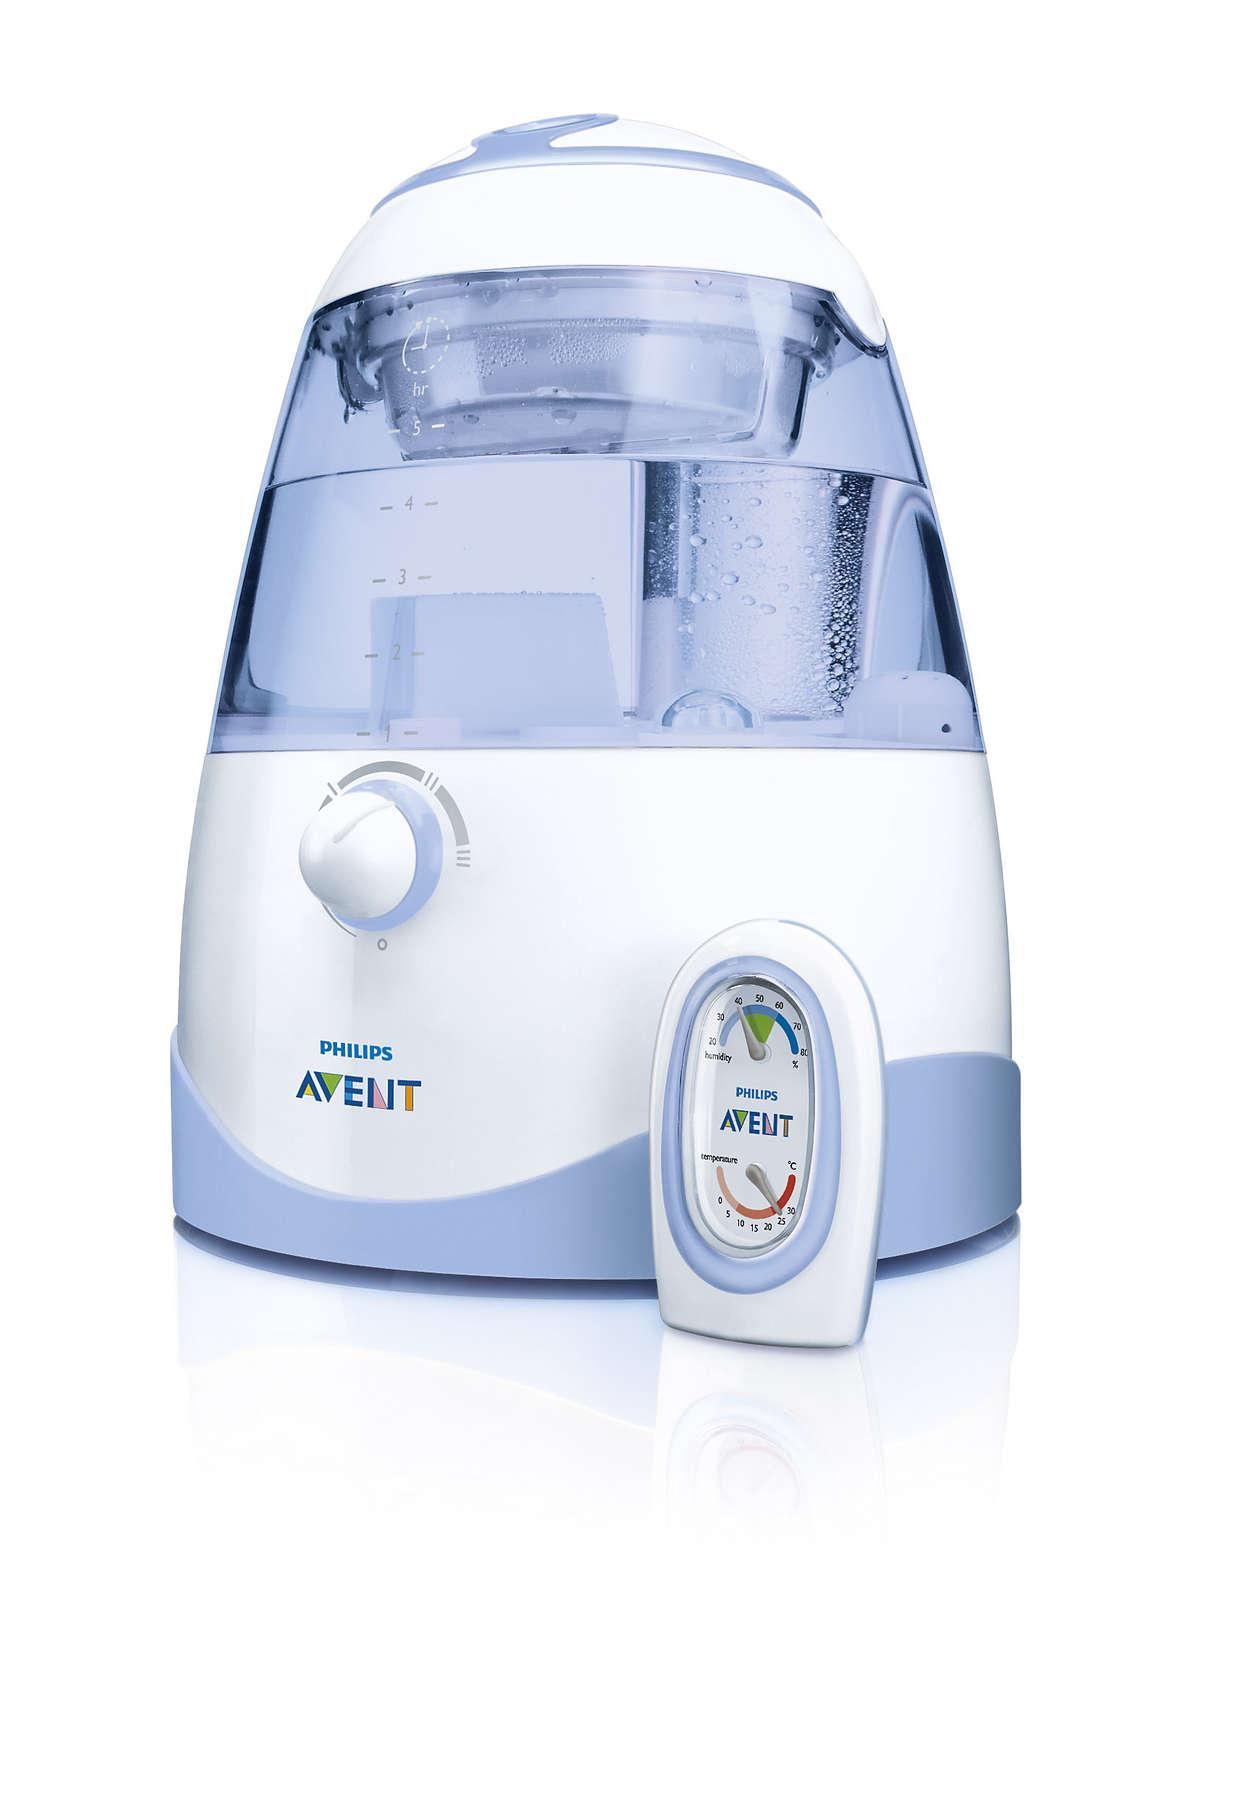 Μια υγιής ατμόσφαιρα για το μωρό σας